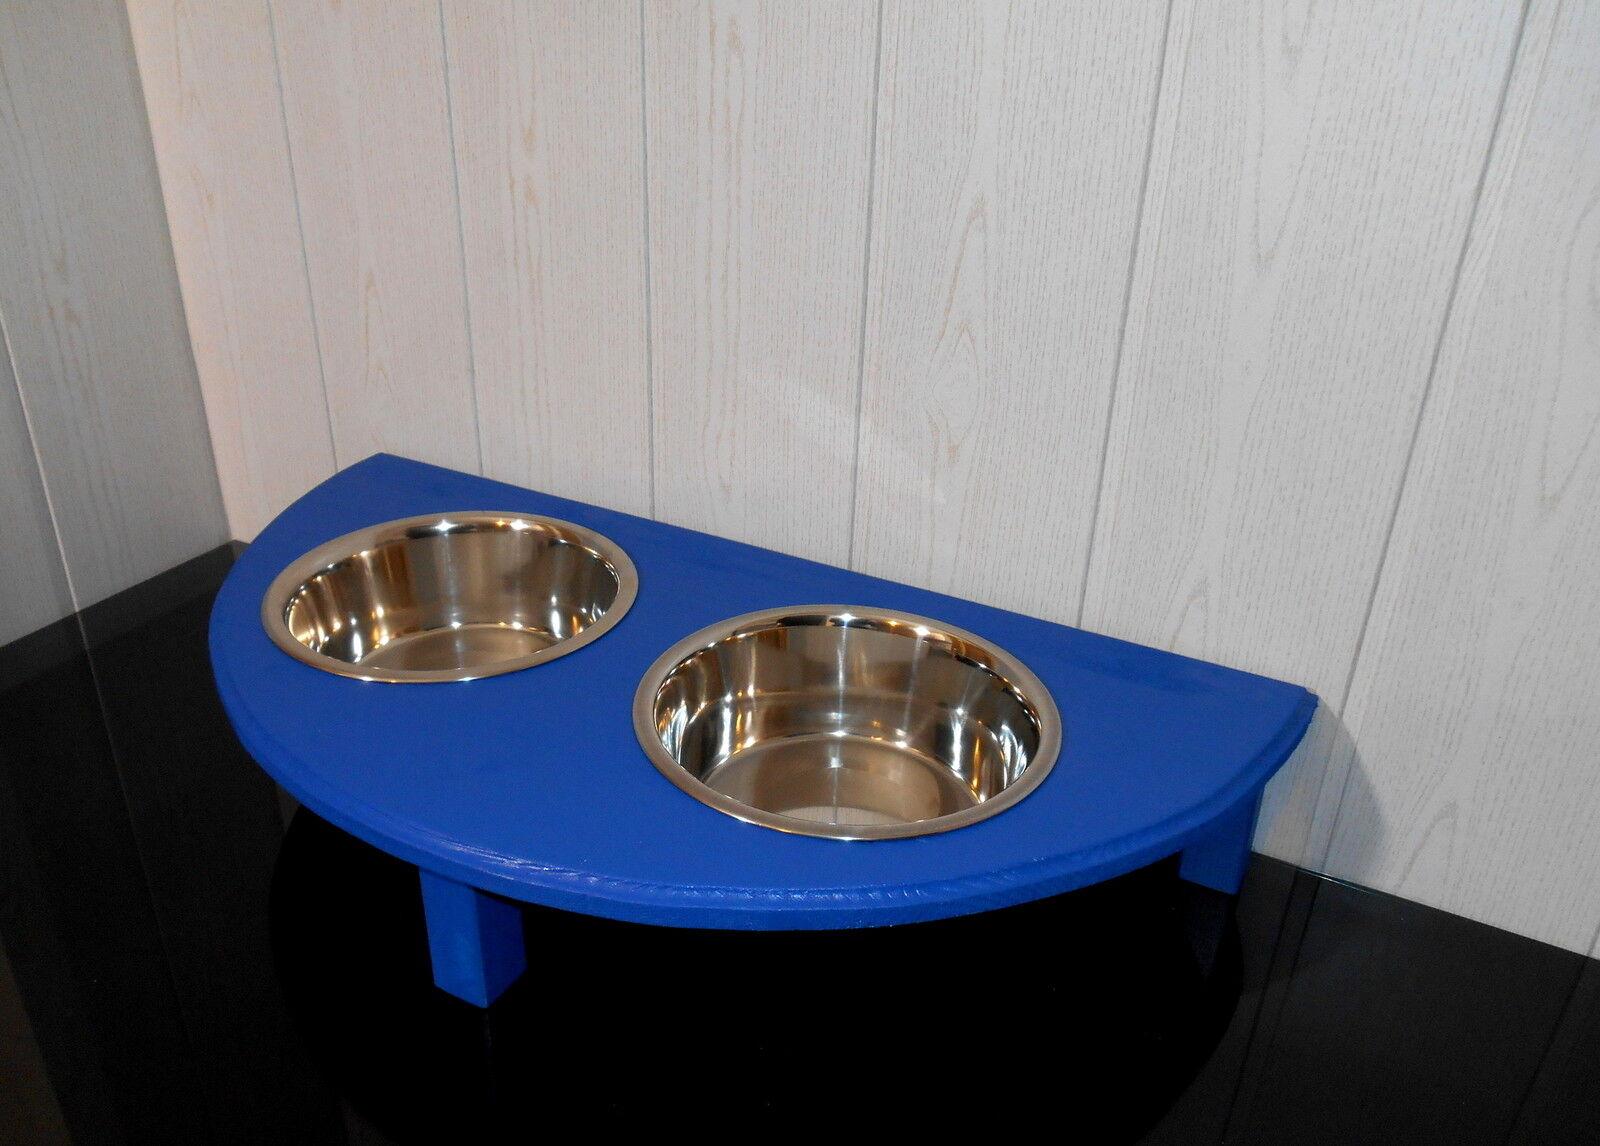 Futterbar mit 2 extra gr. Näpfen, blau, halbrund, Futterstation, Futterstation, Futterstation, Napfhalter (9)  | Elegante Und Stabile Verpackung  8fc509